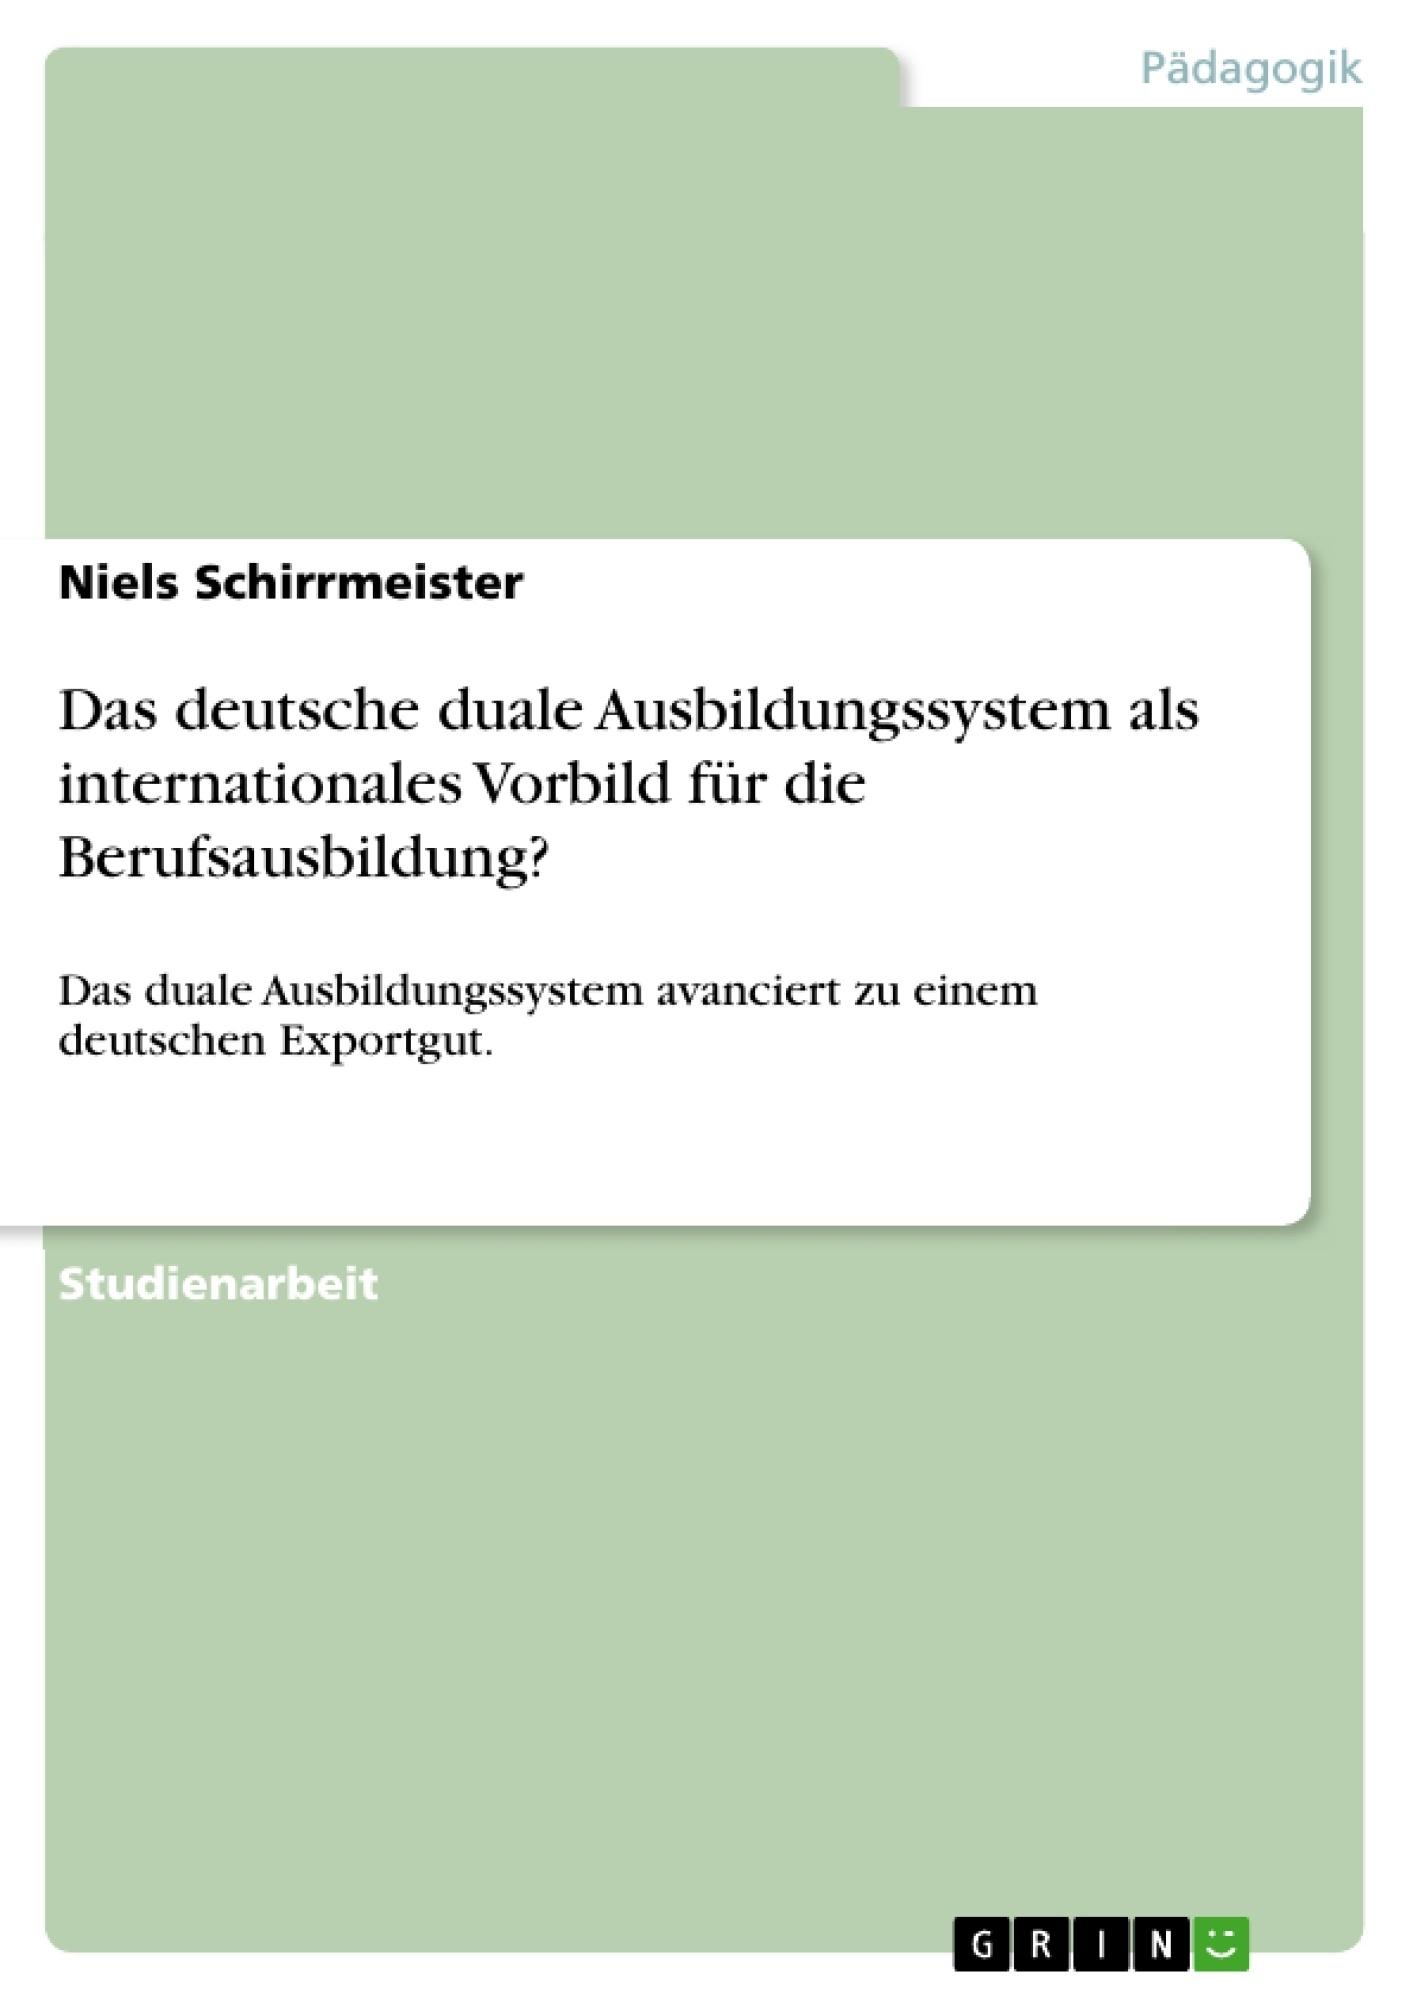 Titel: Das deutsche duale Ausbildungssystem als internationales Vorbild für die Berufsausbildung?